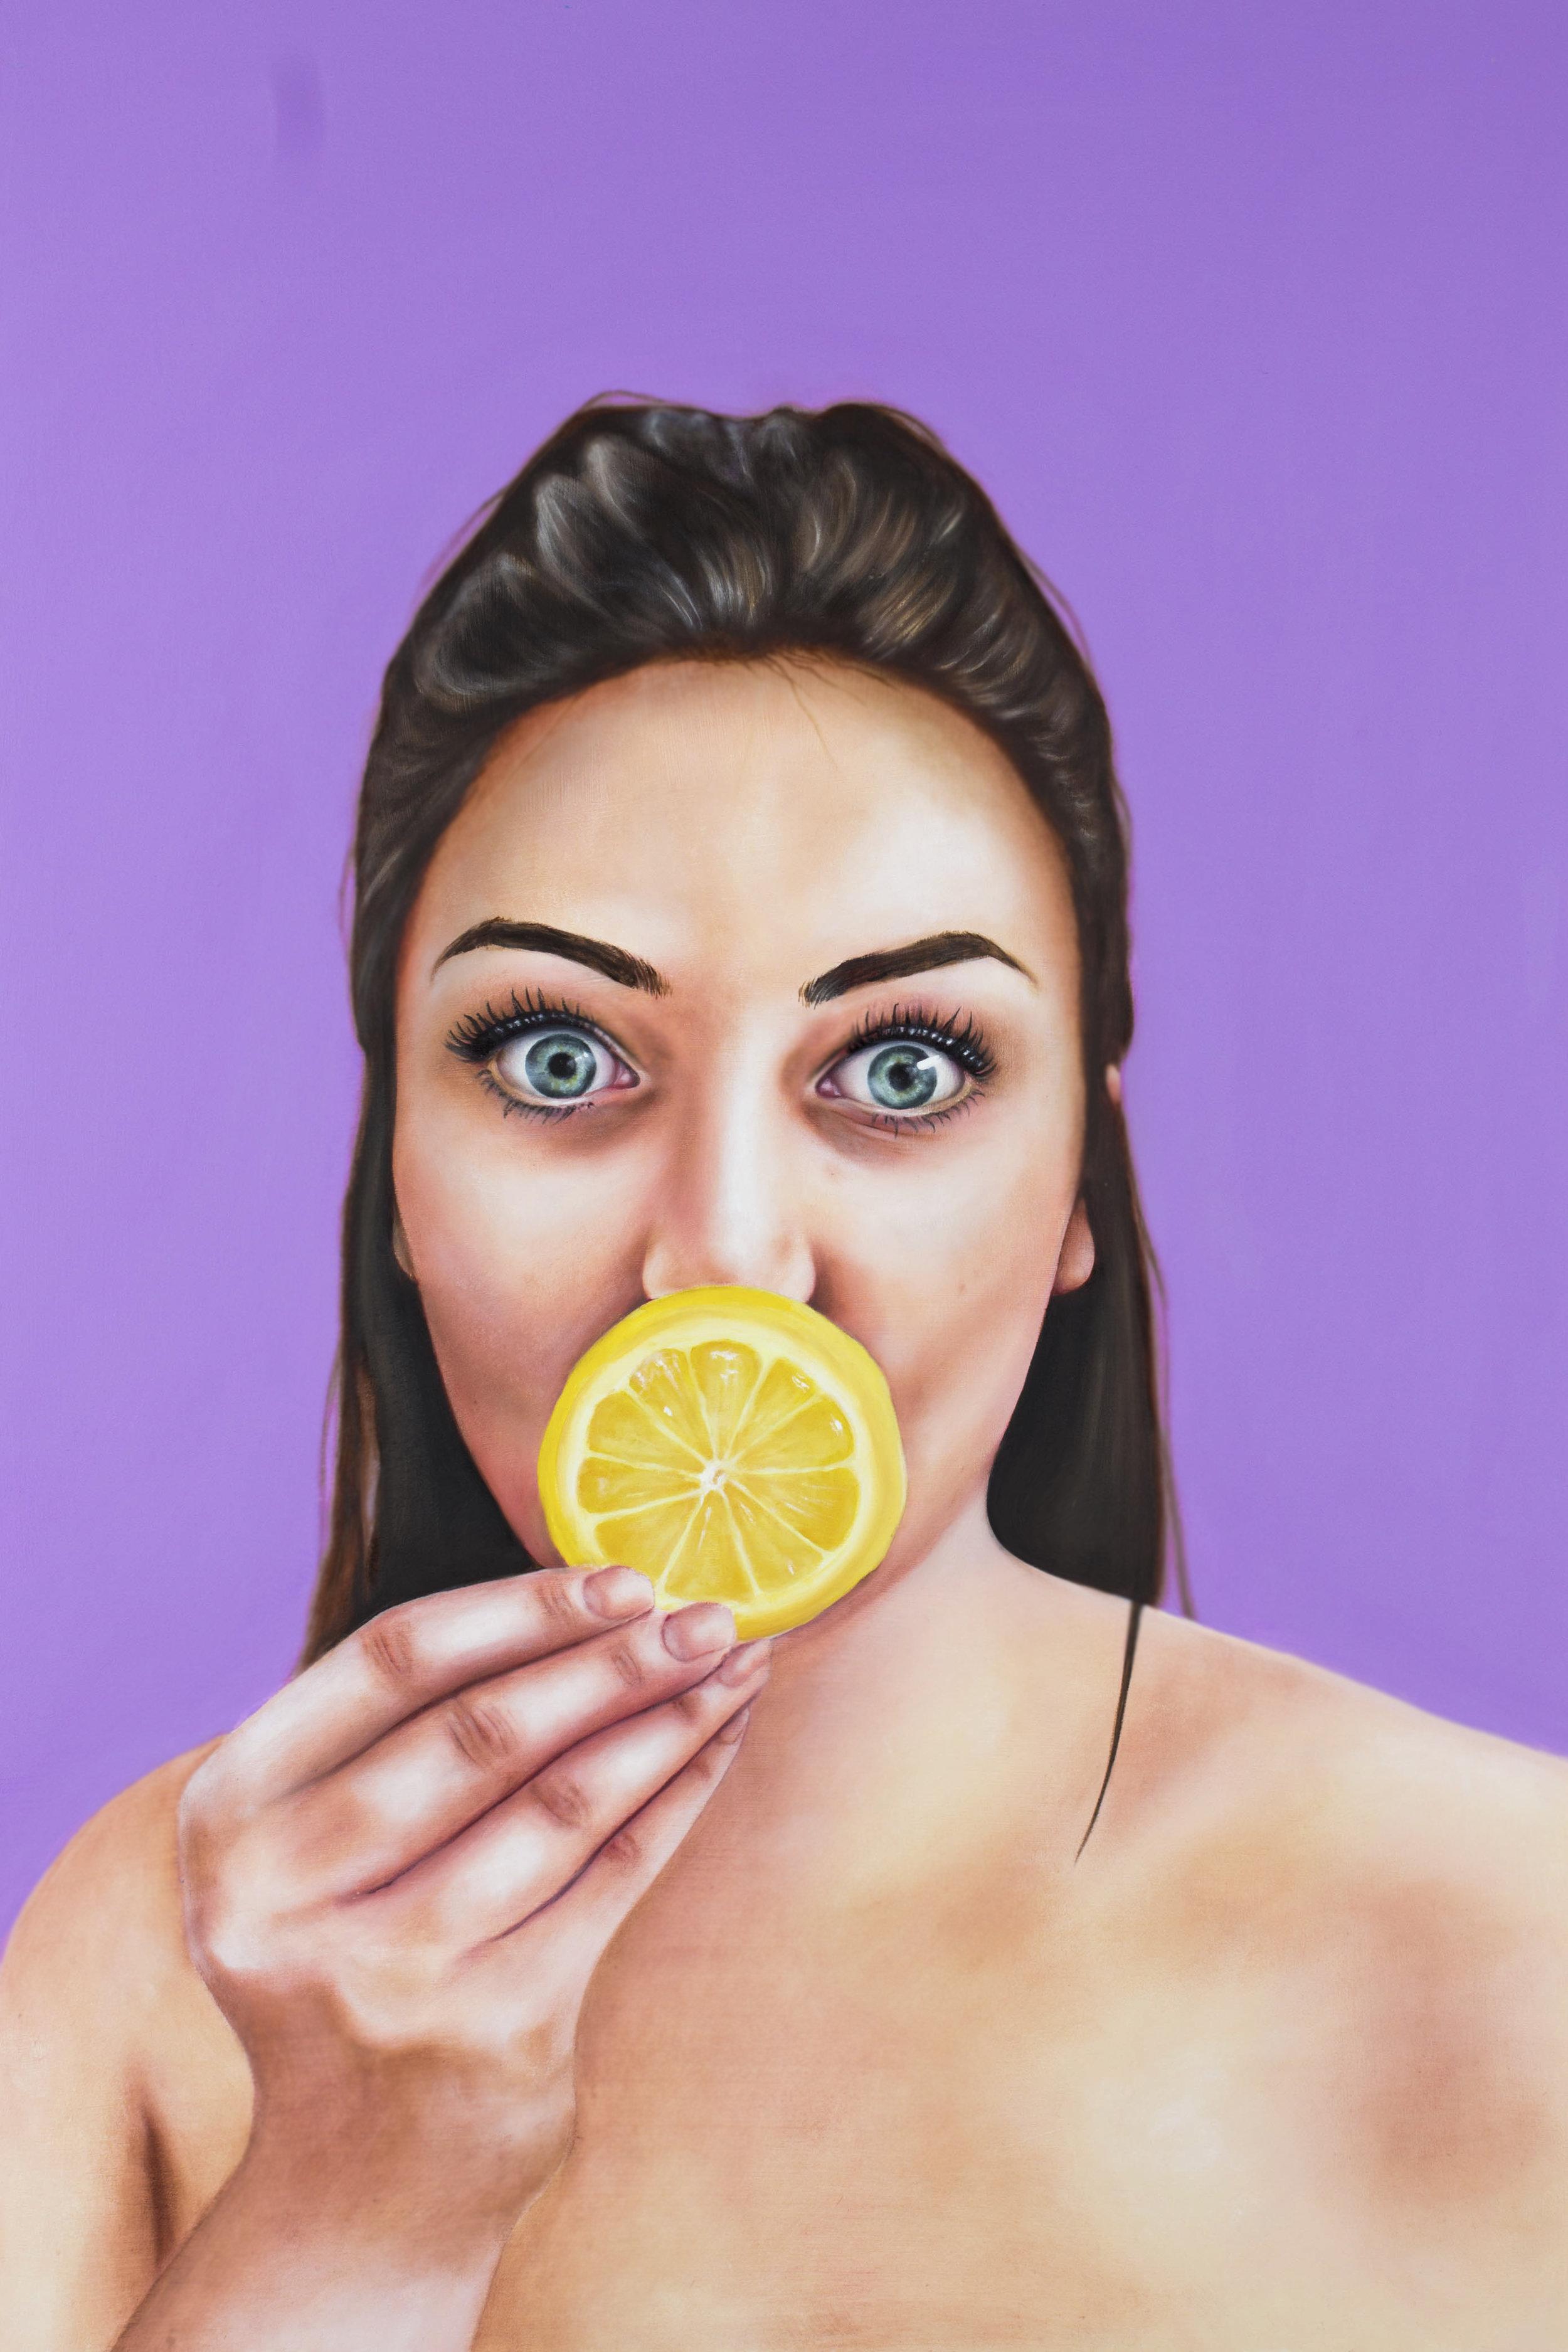 Paige,  2017. Oil on panel, 24x36.